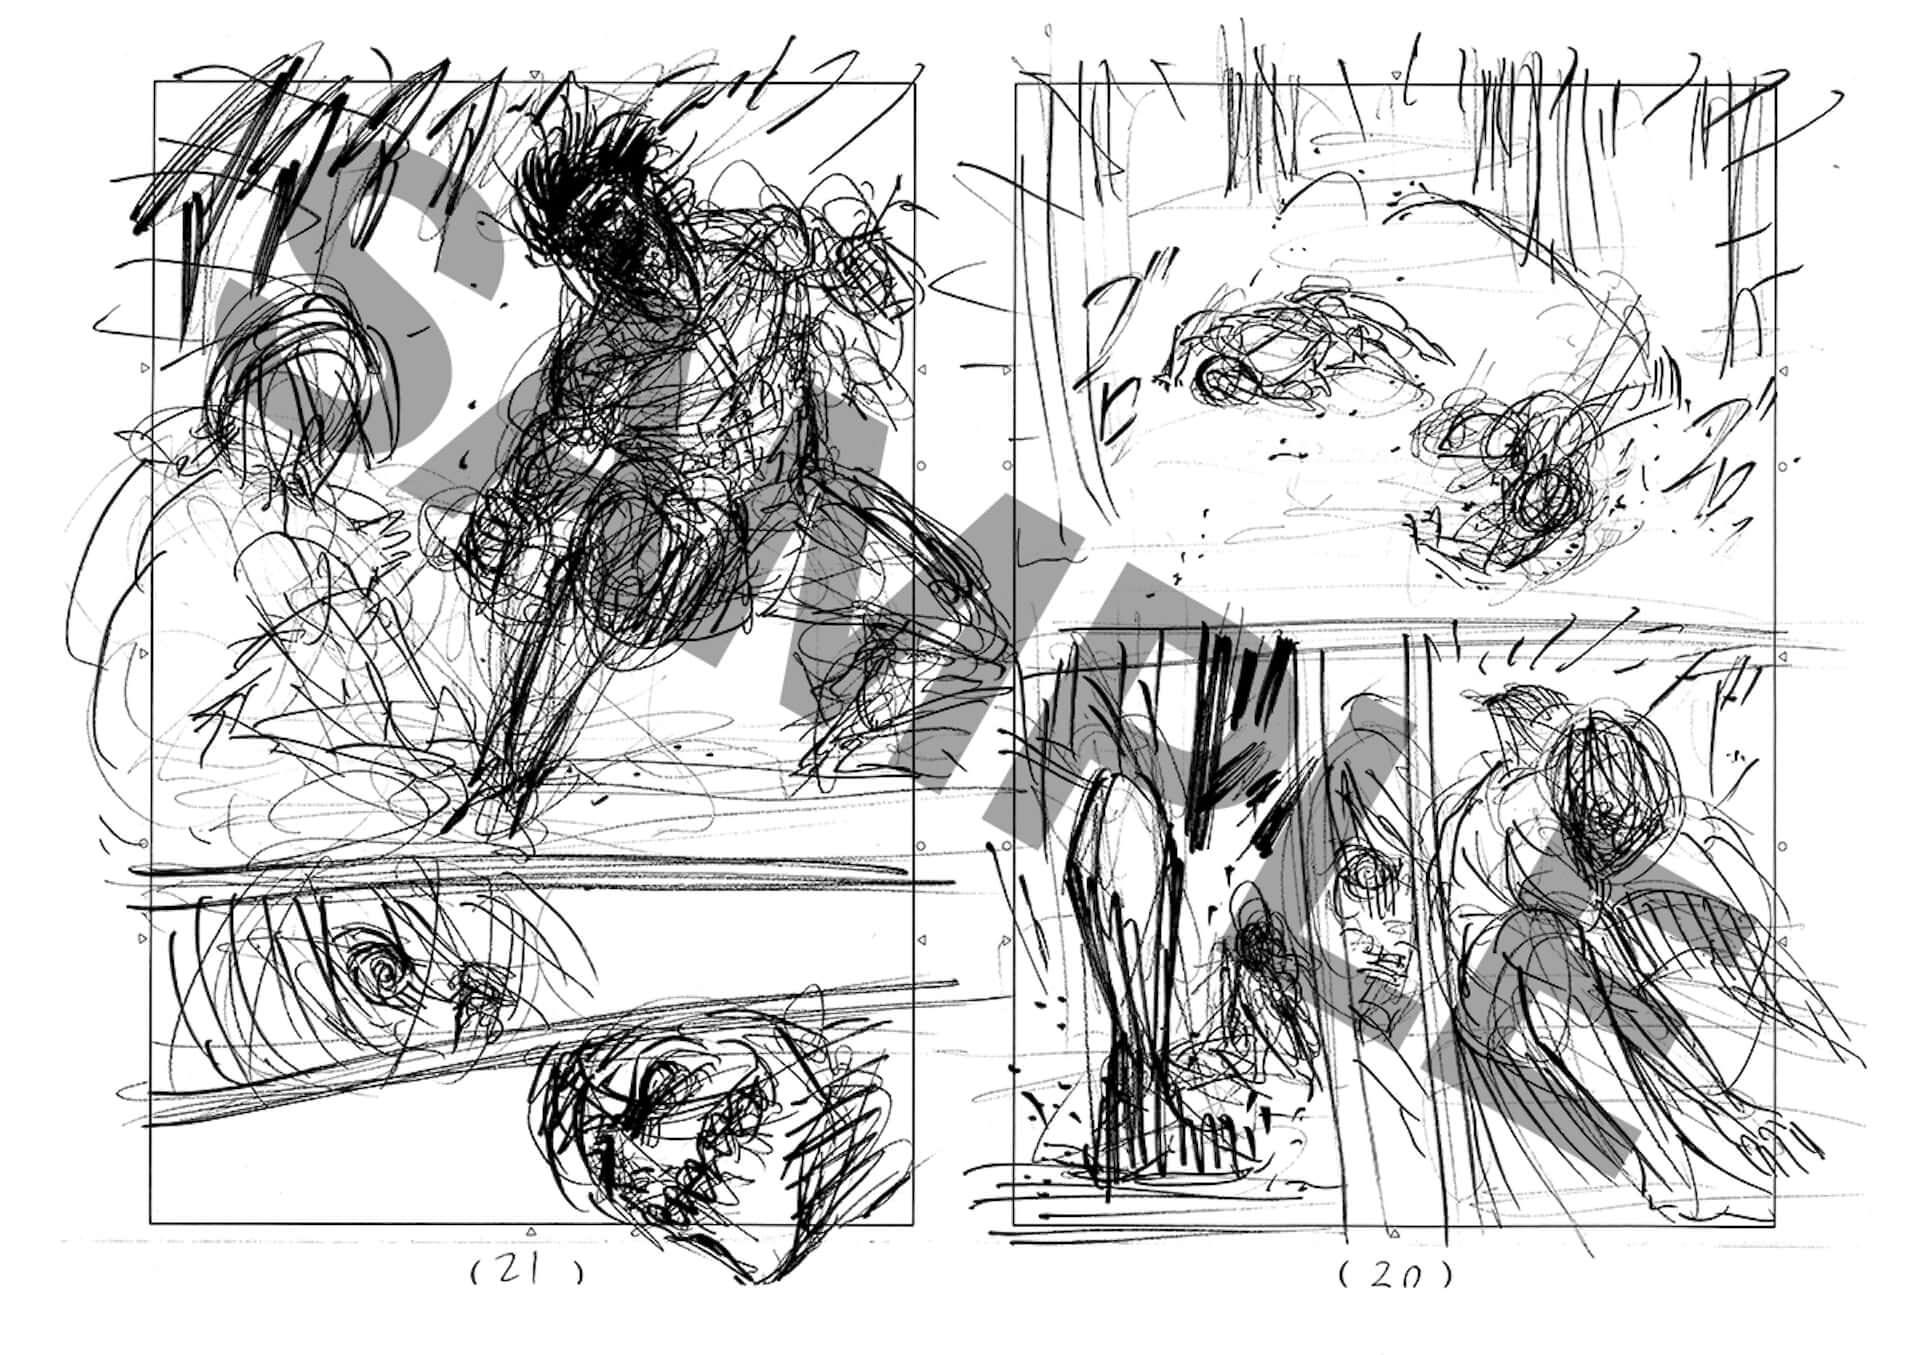 進撃の巨人がひらパーに襲来!<進撃の巨人展FINALinひらかたパーク>が開催|大阪展限定描き下ろしアニメイラストも公開 art190913_shingekinokyojin_hirakata_20-1920x1355